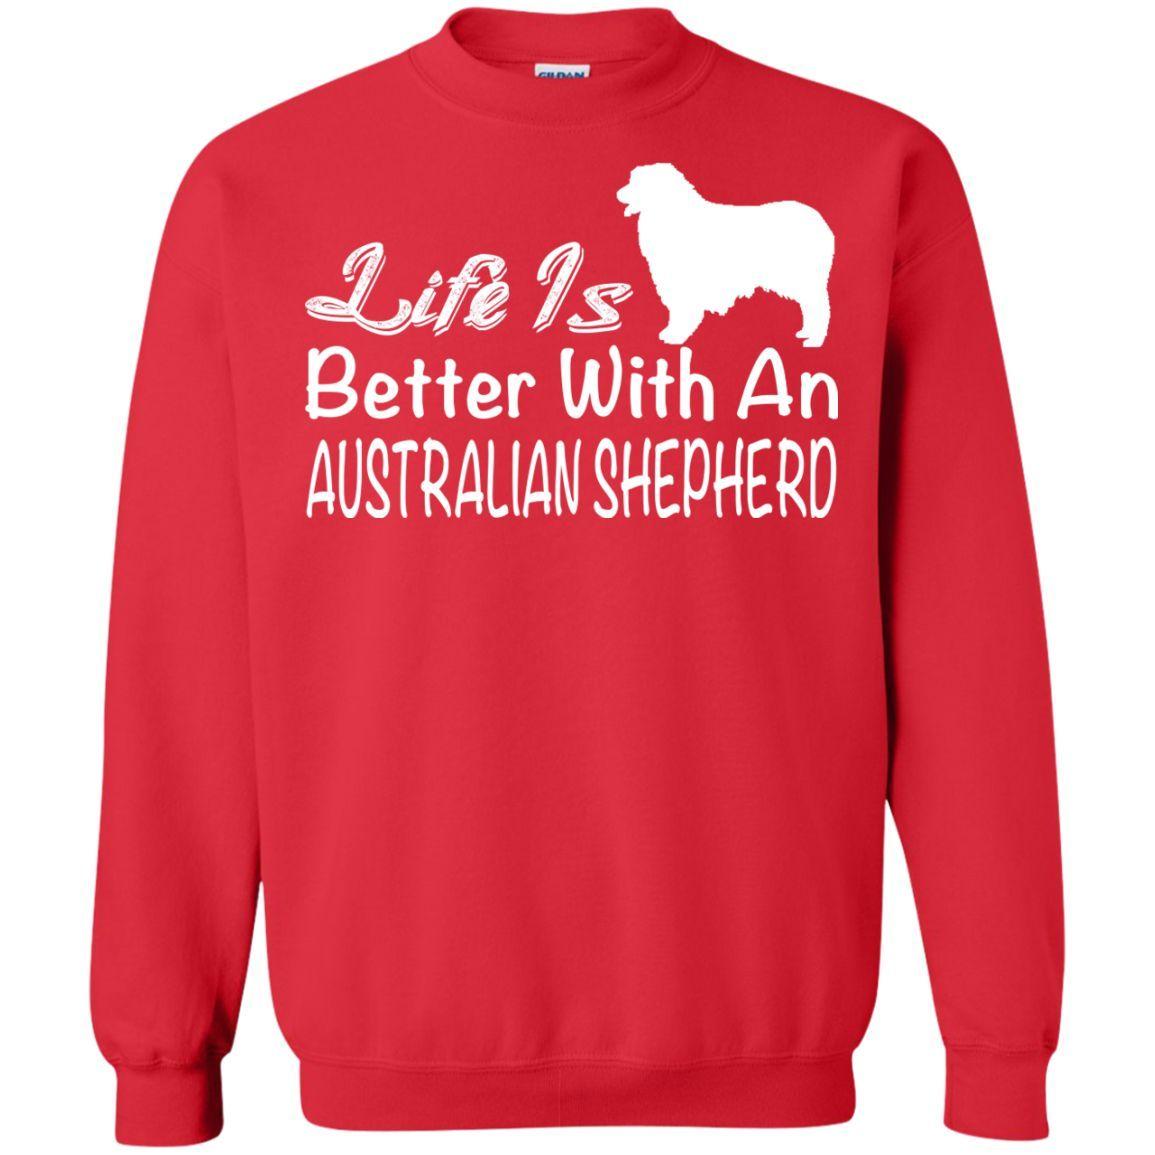 Life Is Better With An Australian Shepherd Sweatshirts